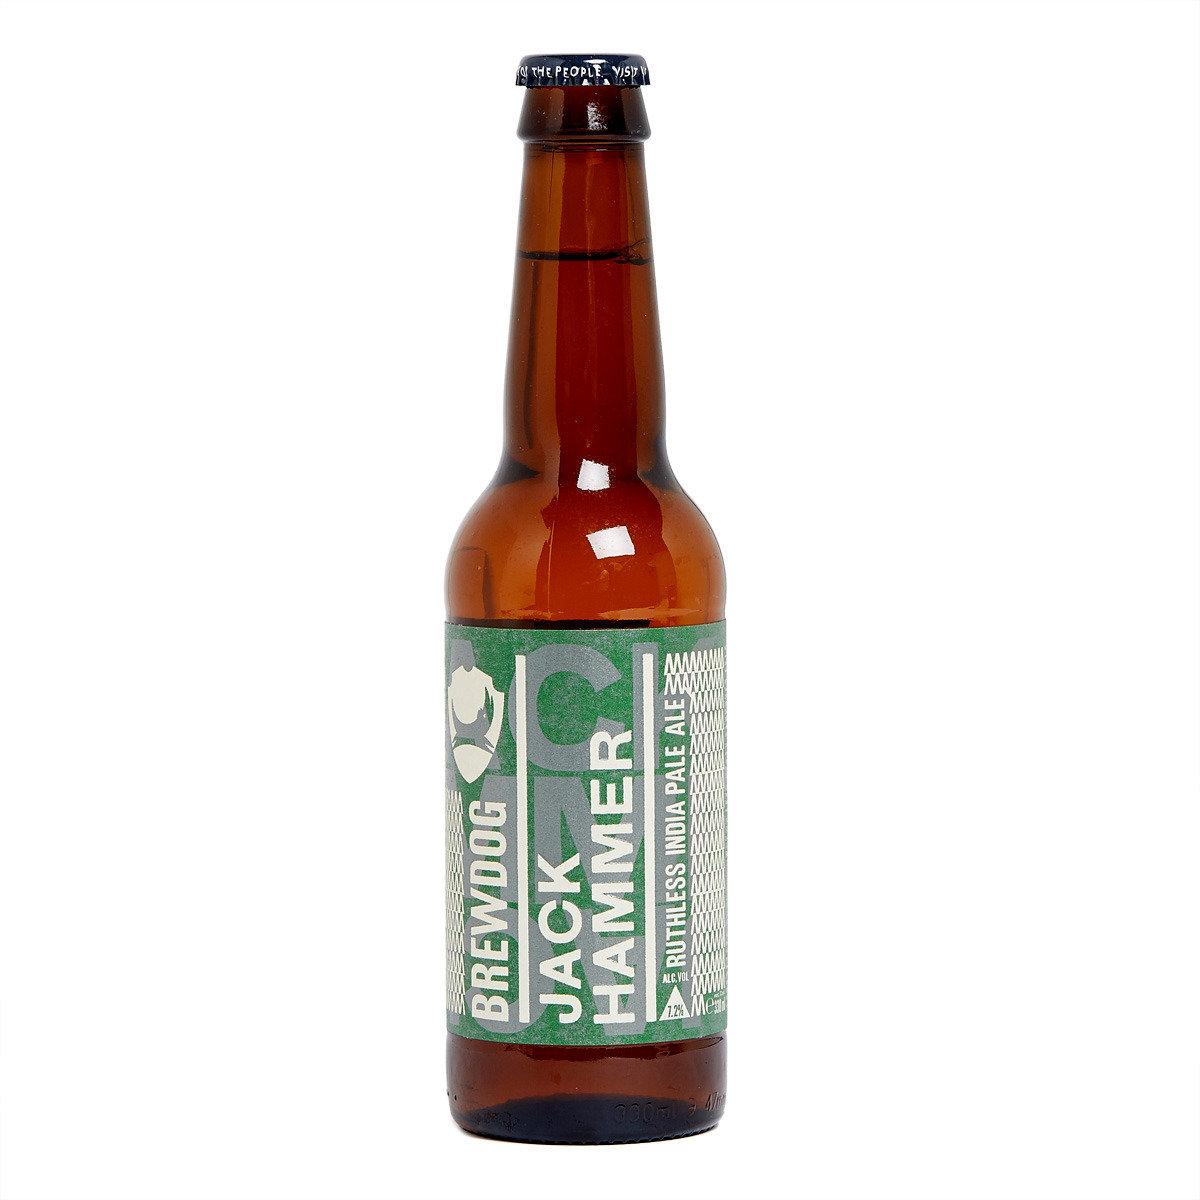 Jack Hammer (Craft Beer)